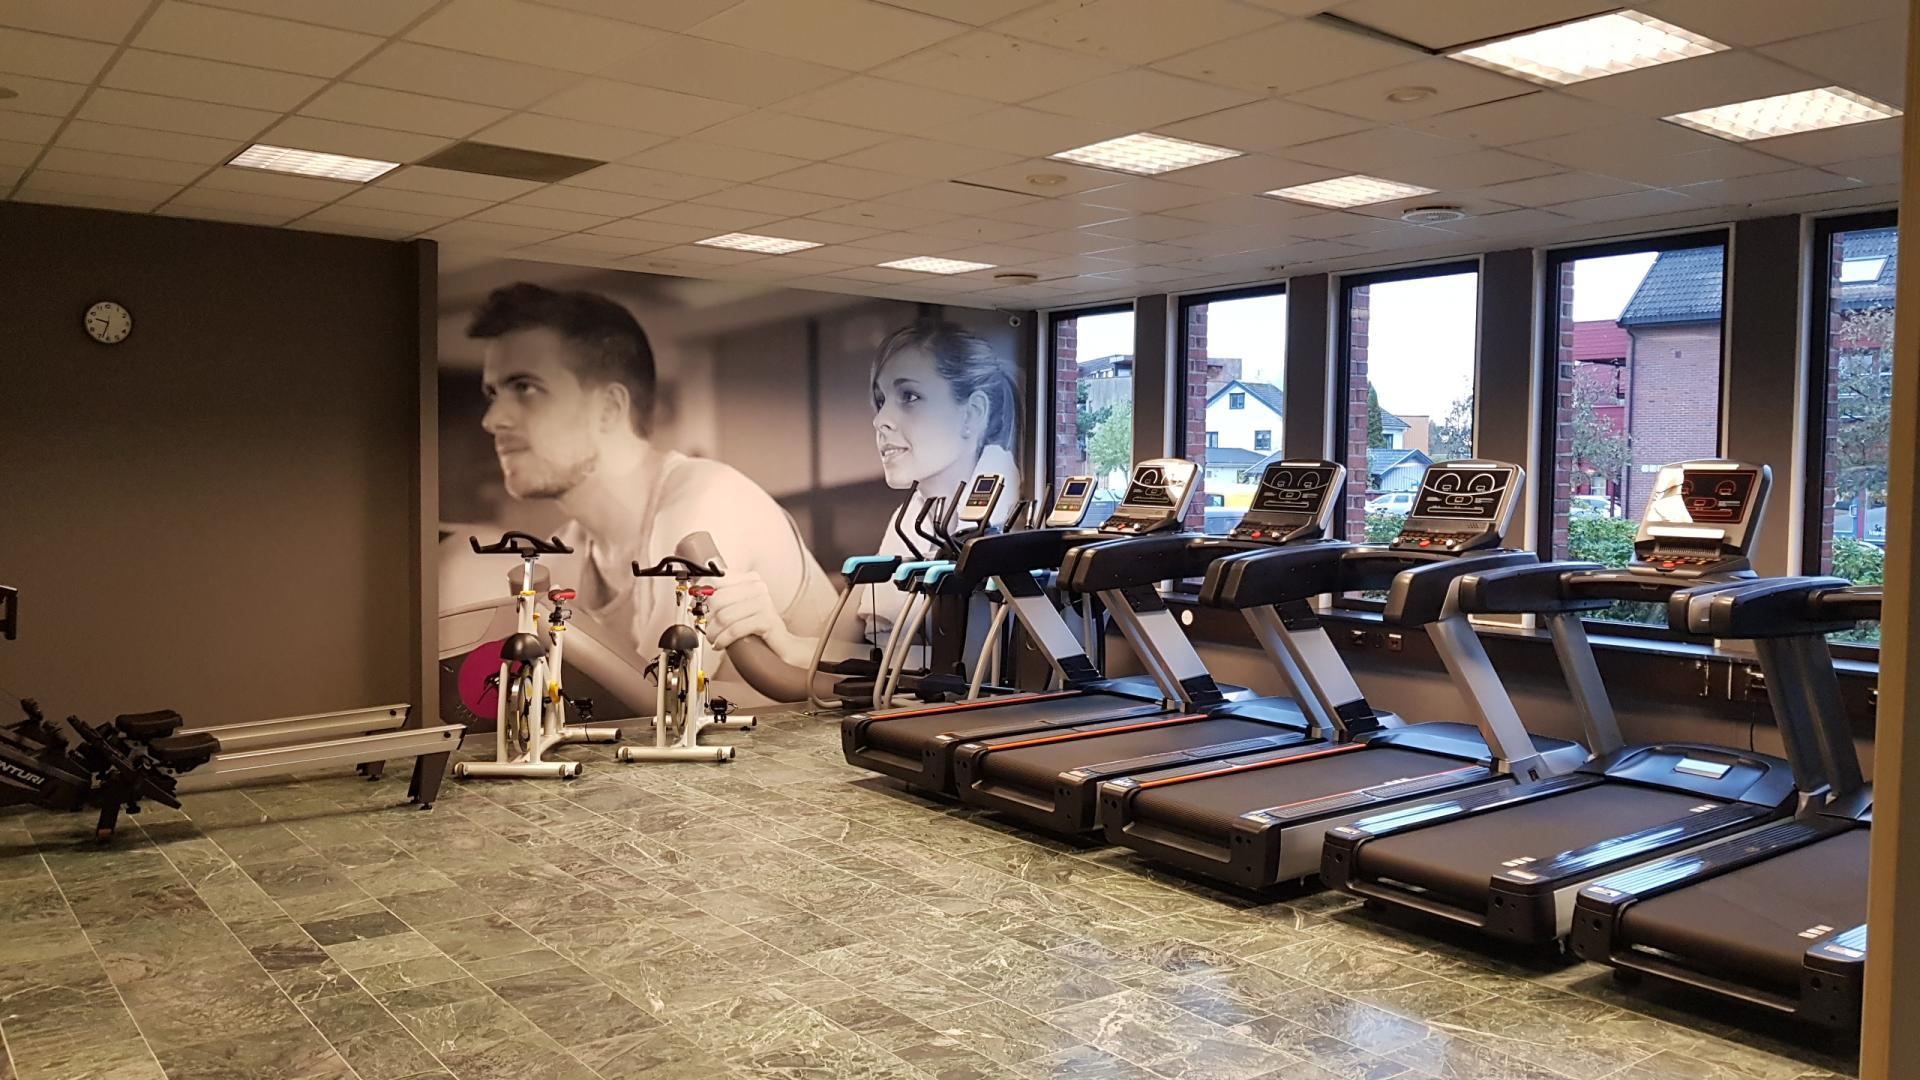 fitnesspoint-stjordal-bilde